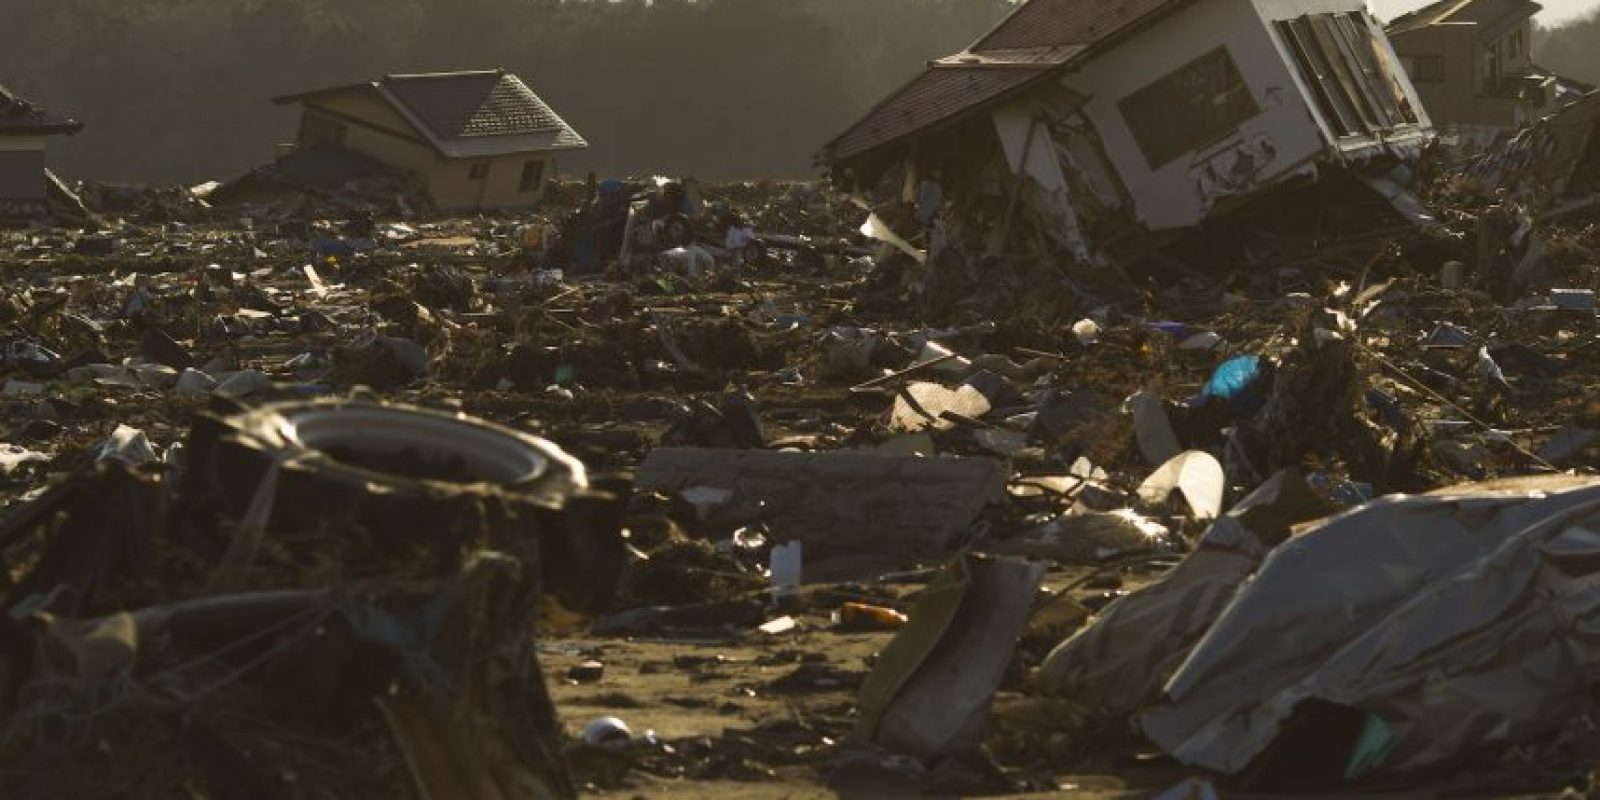 Pocos días después del accidente se detectó yodo radioactivo en el agua potable de Tokio, así como altos niveles de radicación. Foto:GETTY